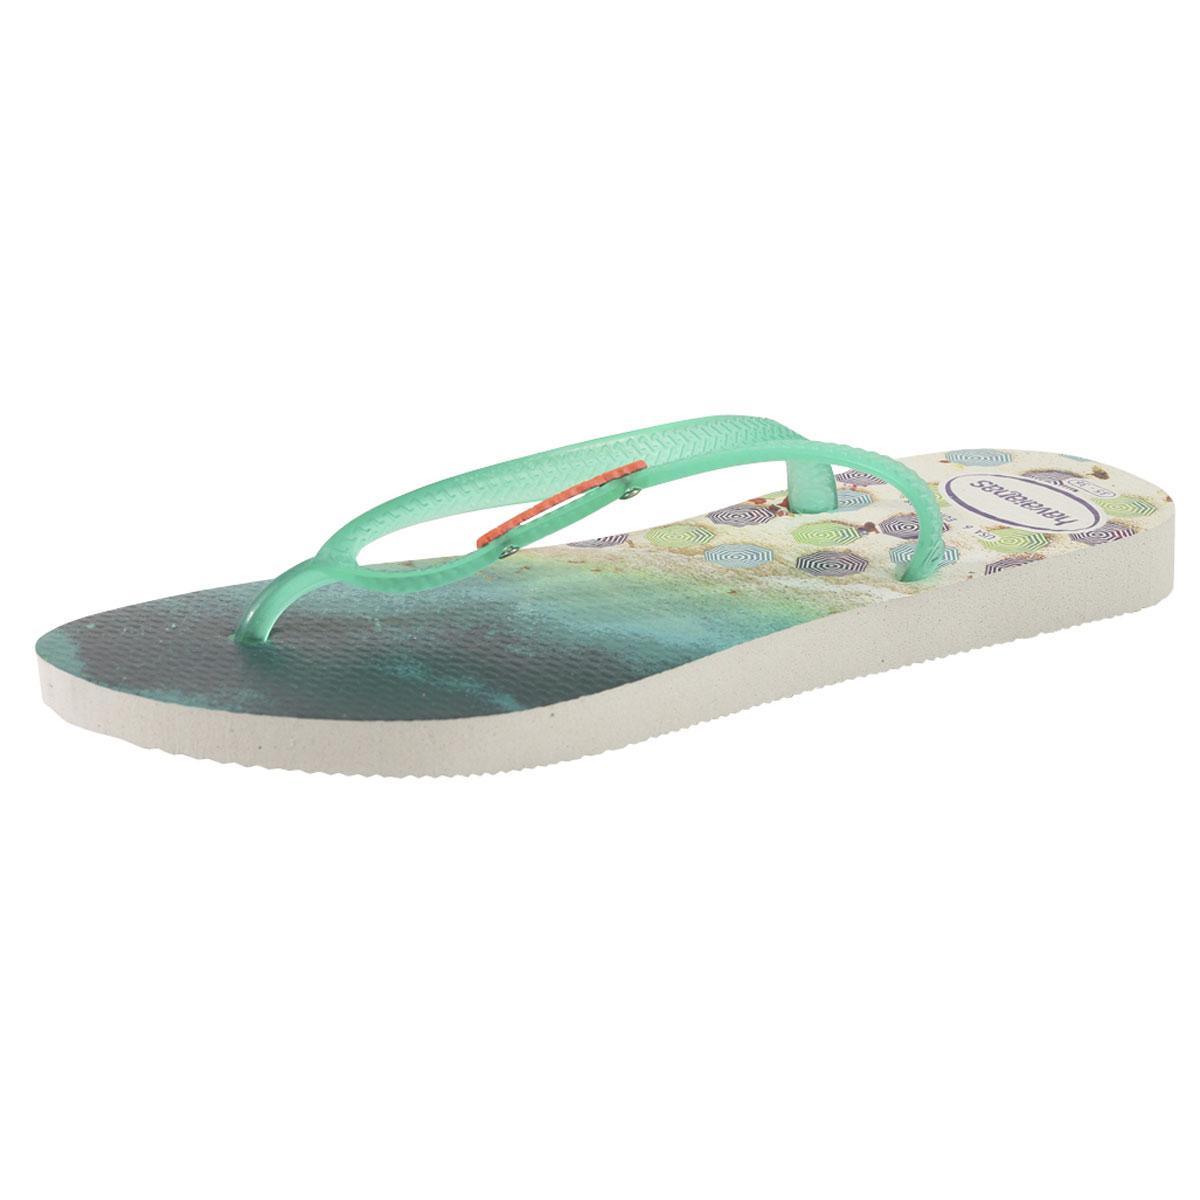 Image of Havainas Women's Slim Paisage Flip Flops Sandals Shoes - White/Mint Green - 6 B(M) US